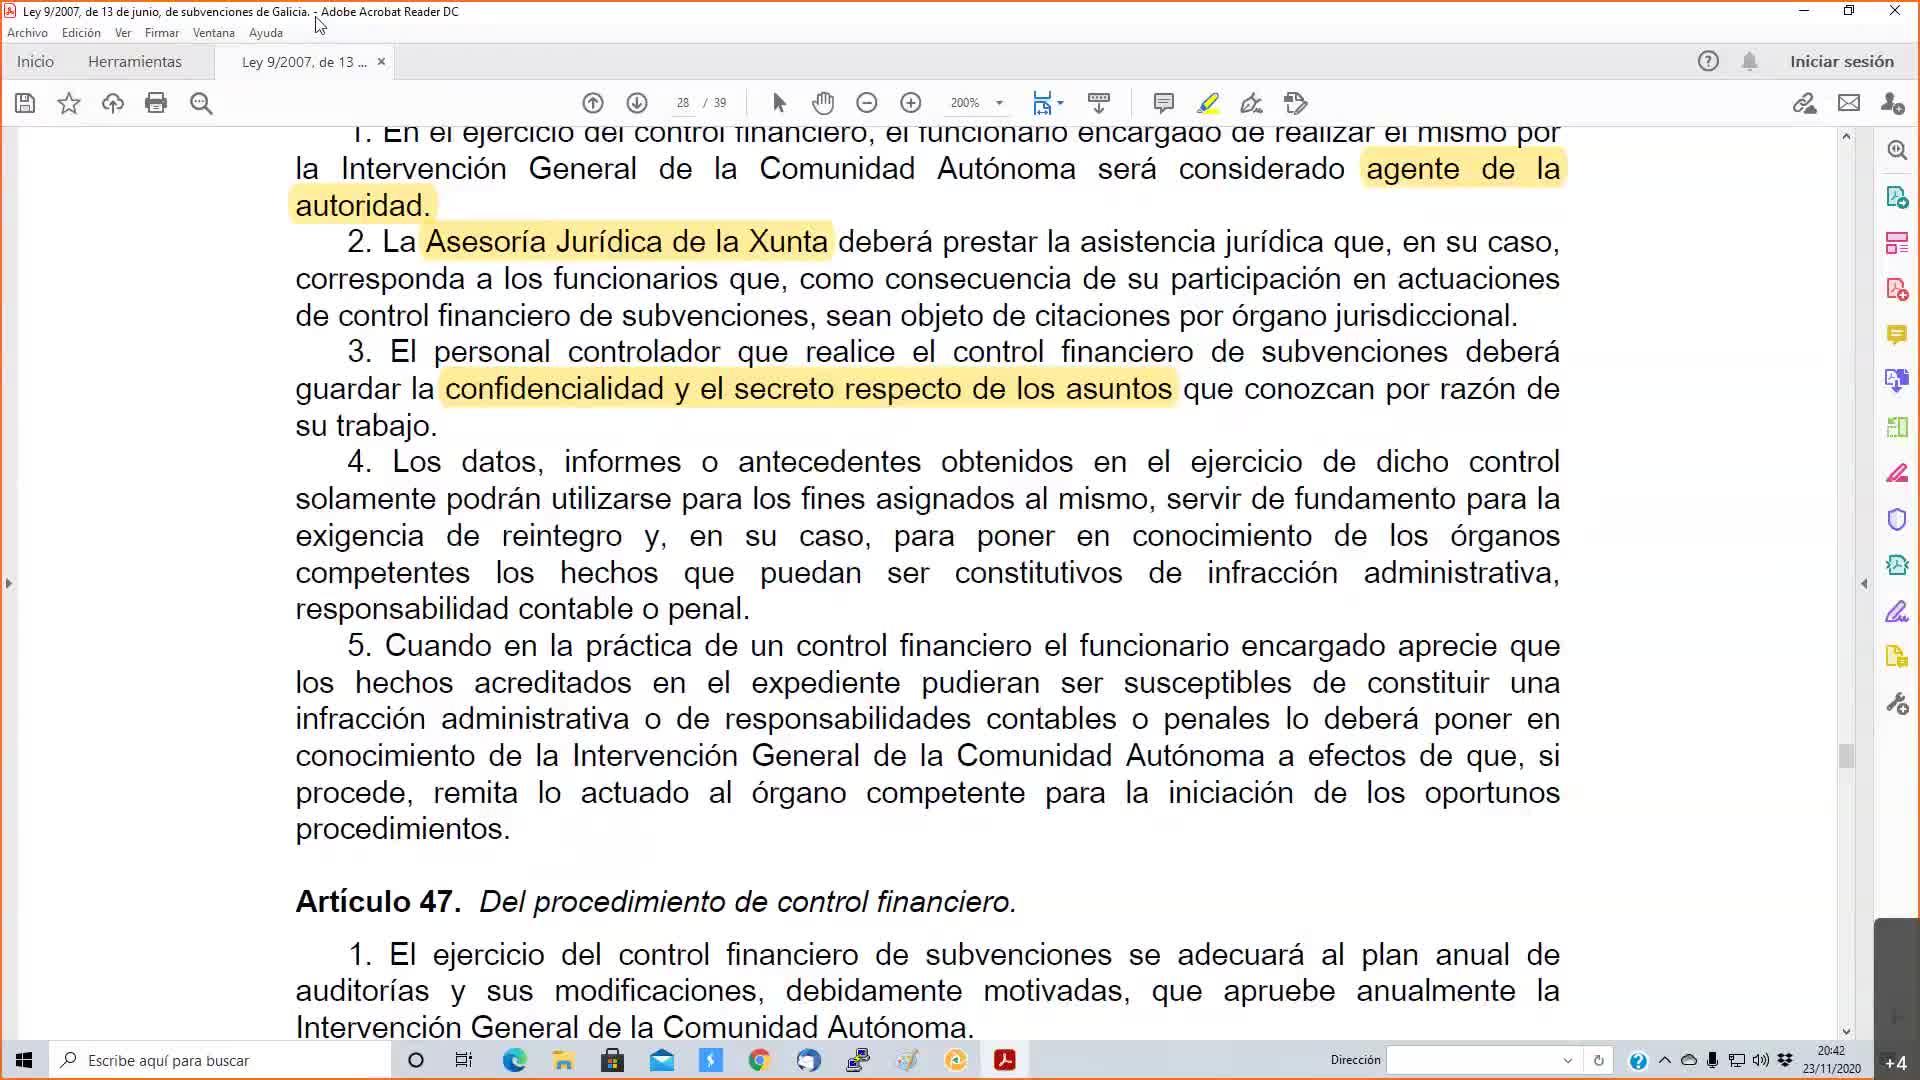 Subvencions gestión galicia 23-11-2020